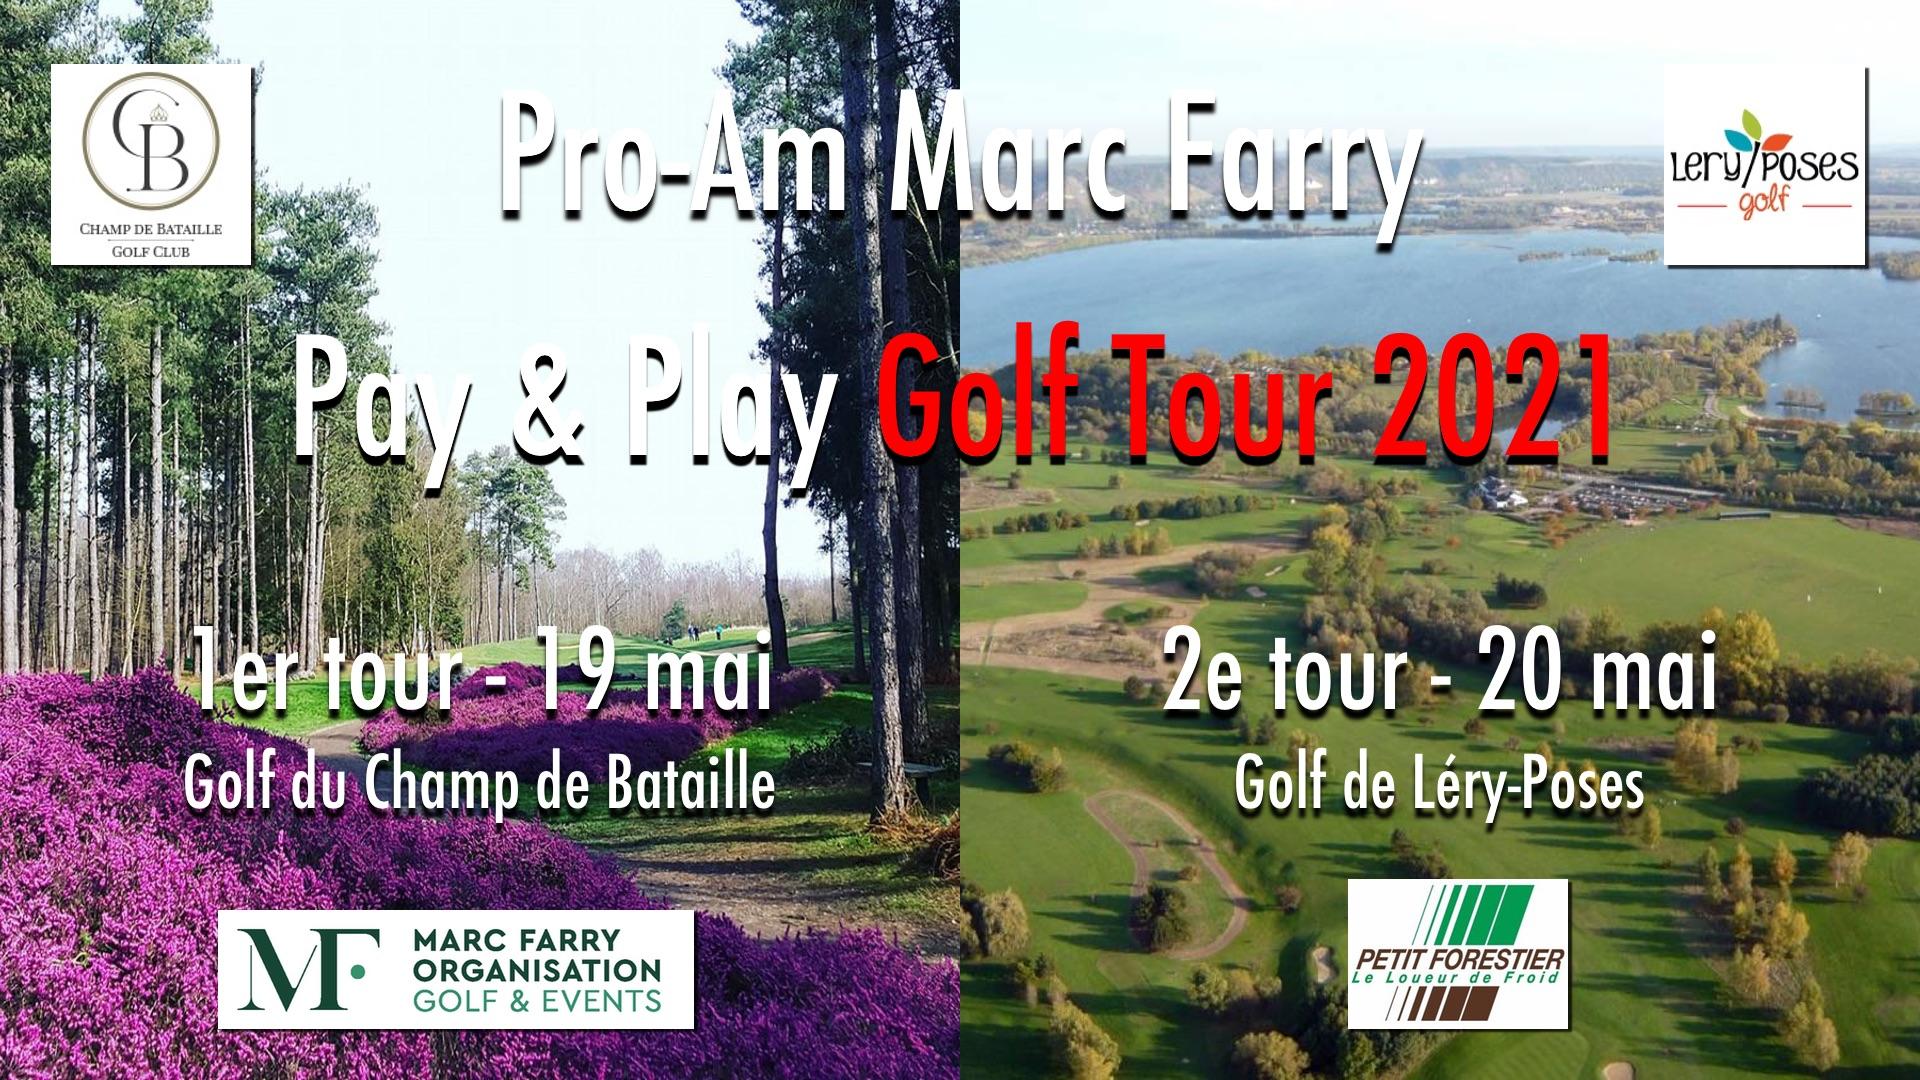 Pro-Am Marc Farry 2021 - Golfs Champ de Bataille et Léry-Poses